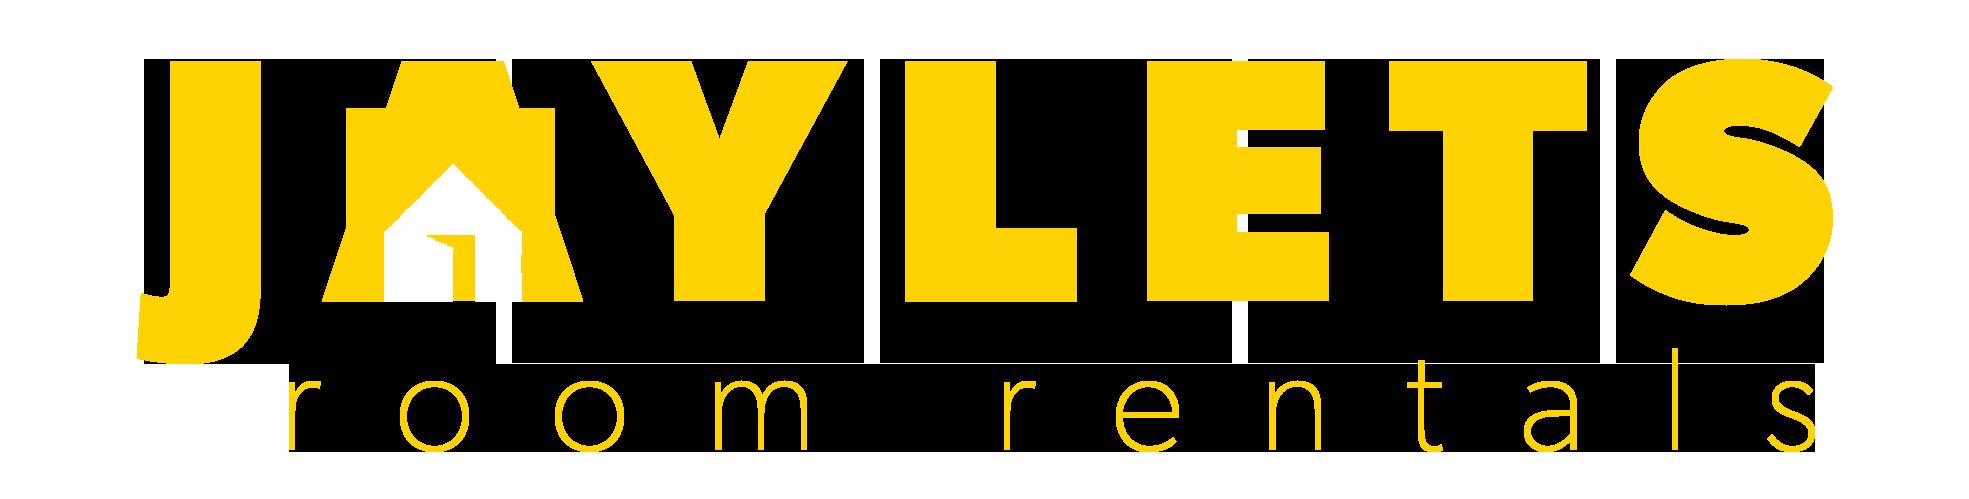 Jaylets Logo No Background.png